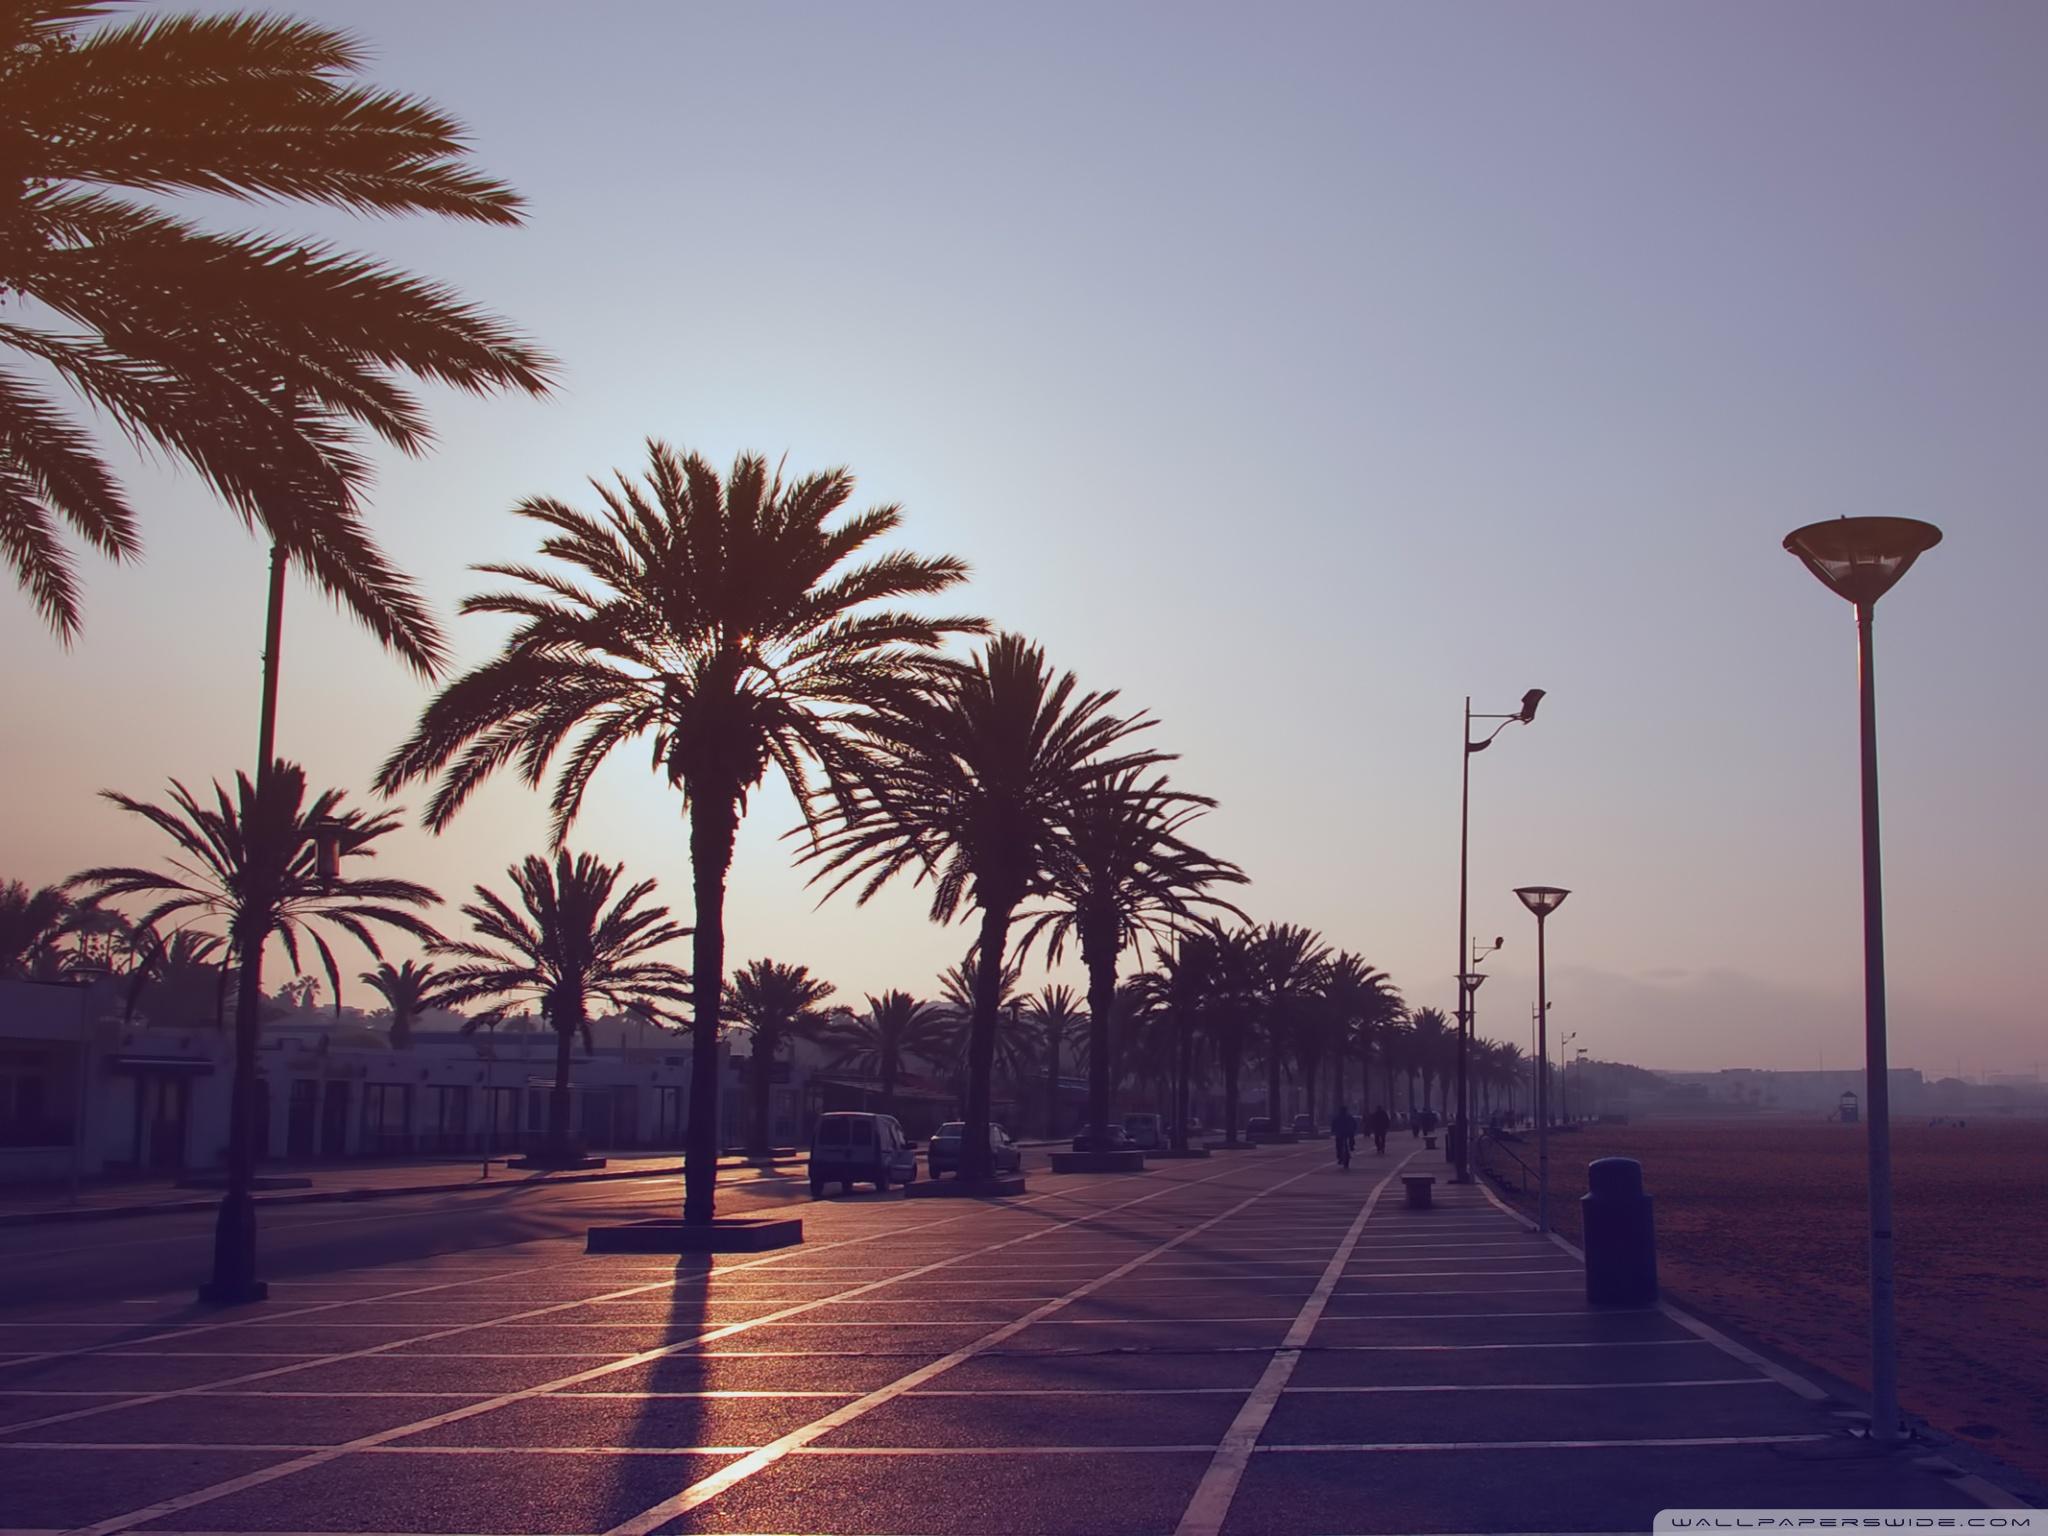 seaside ❤ uhd desktop wallpaper for ultra hd 4k 8k • mobile